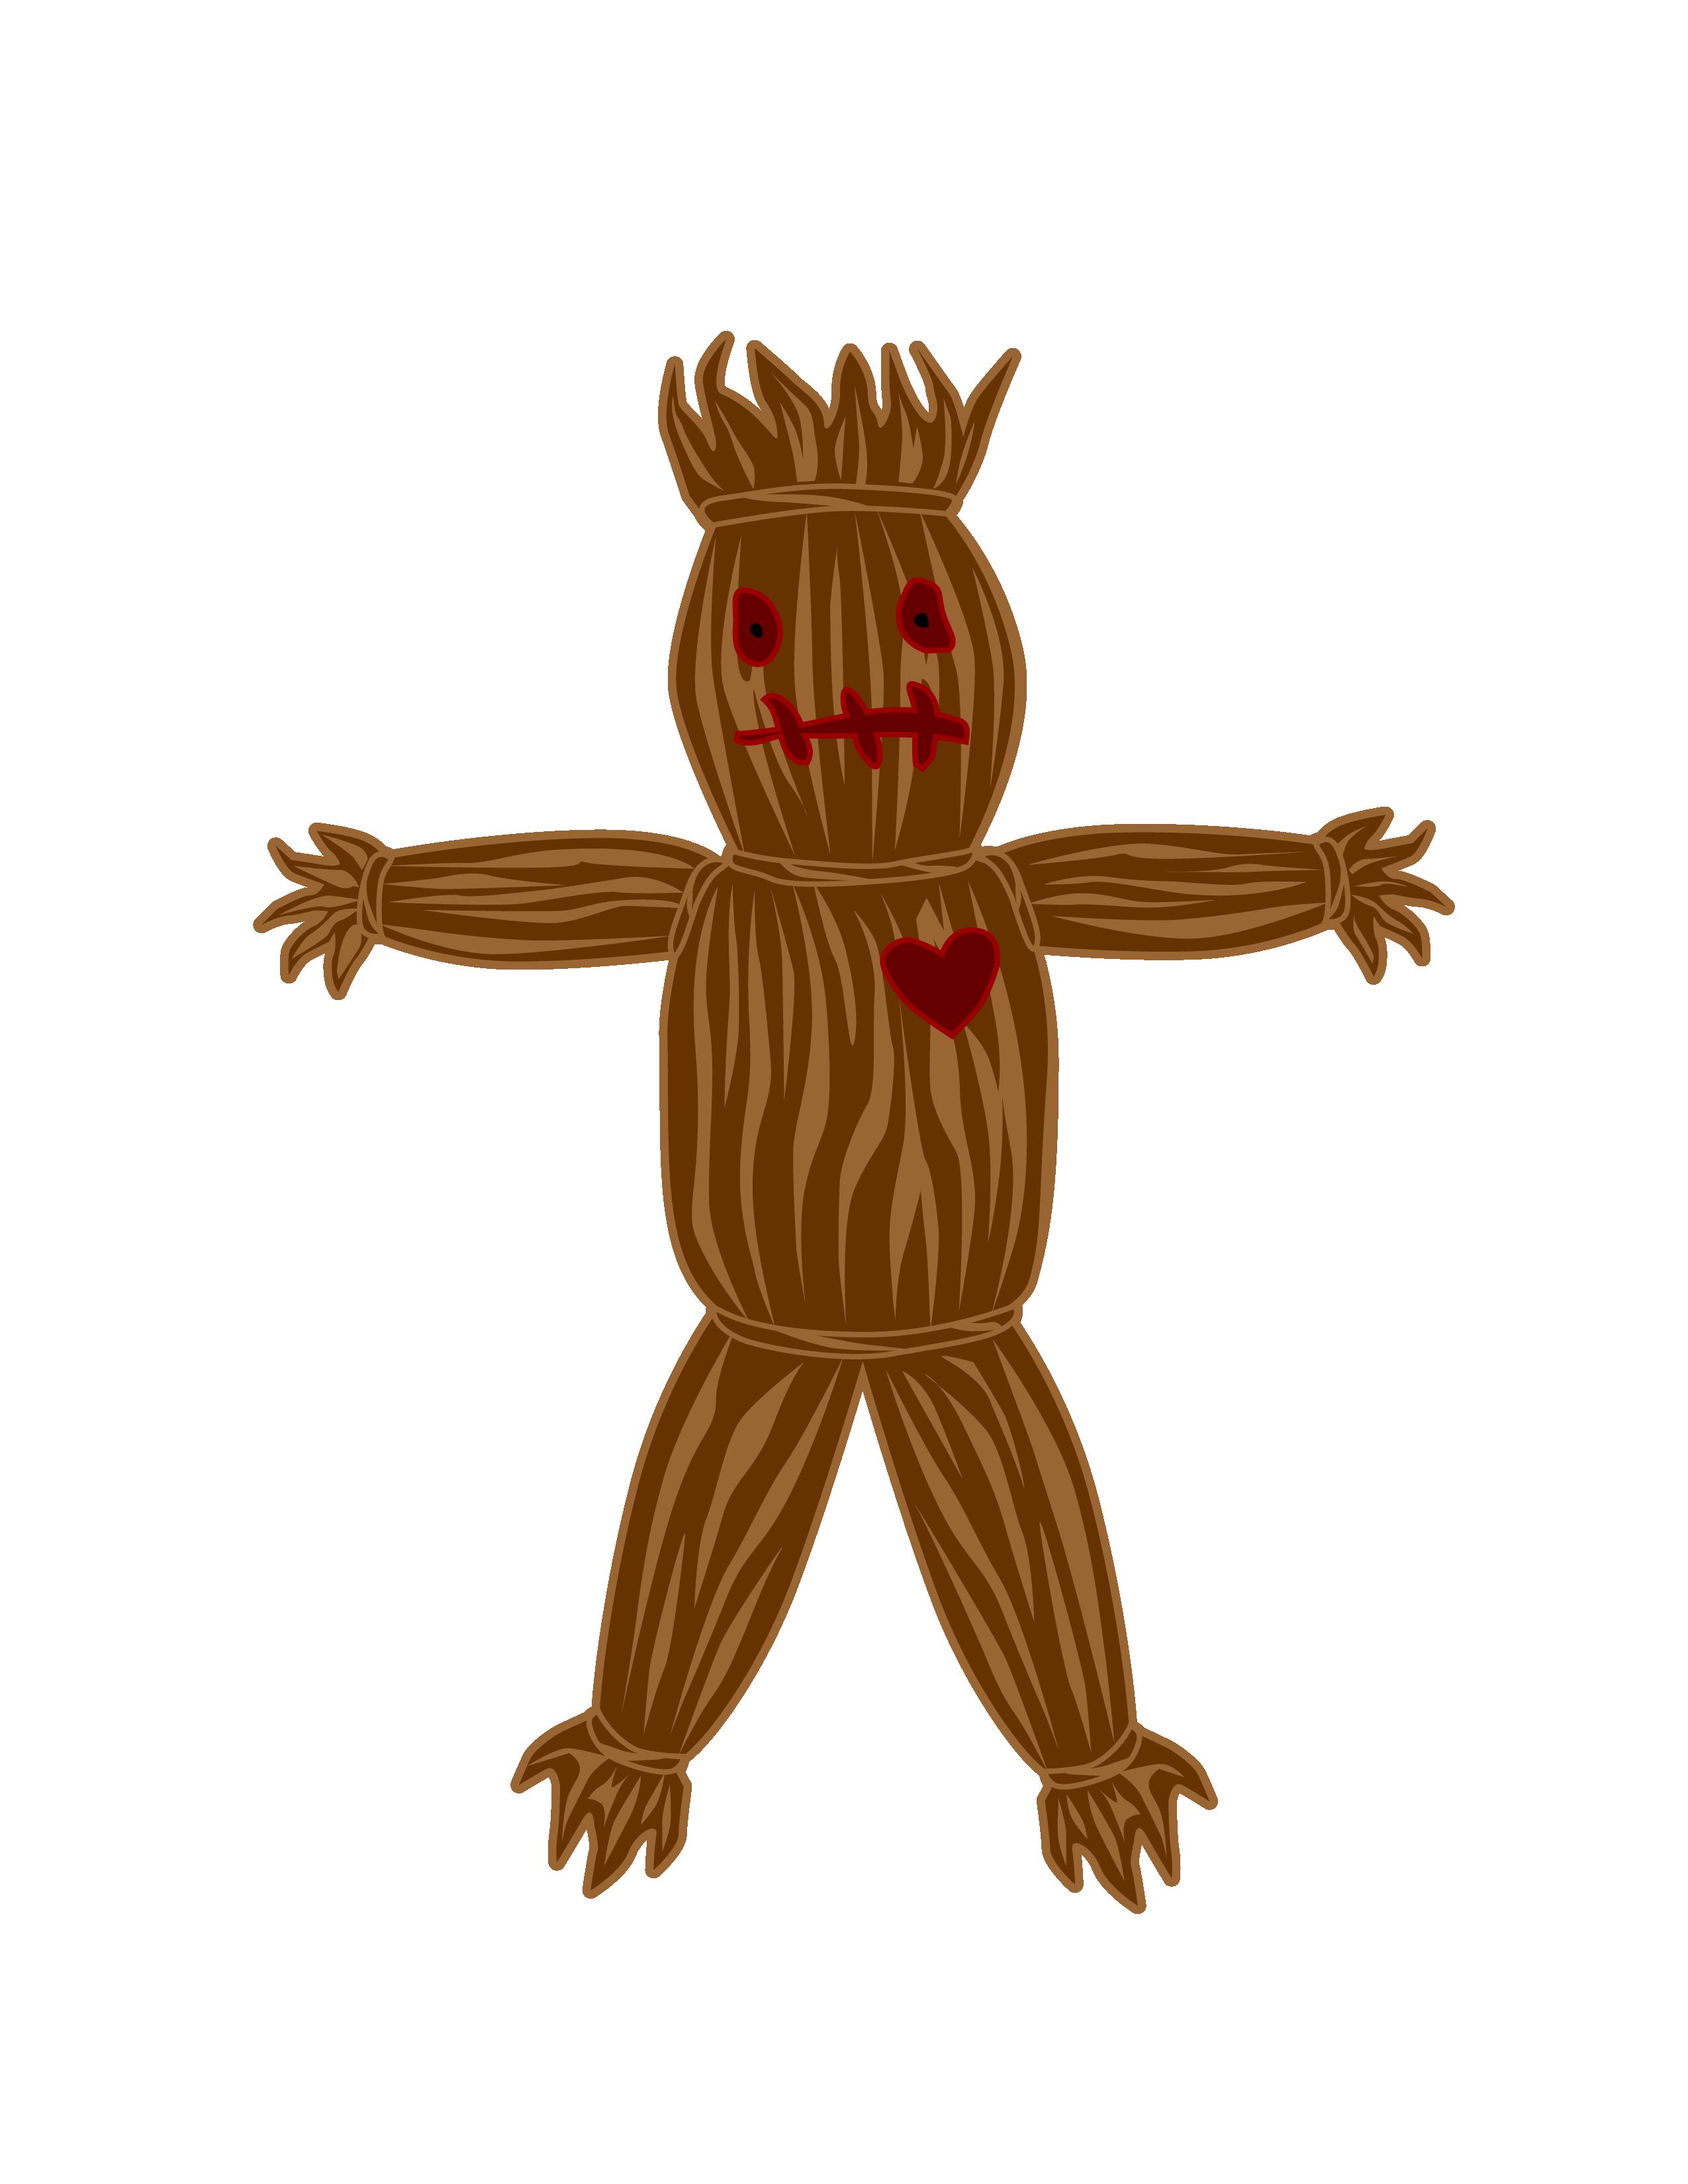 Voodoo Doll Clip Art.